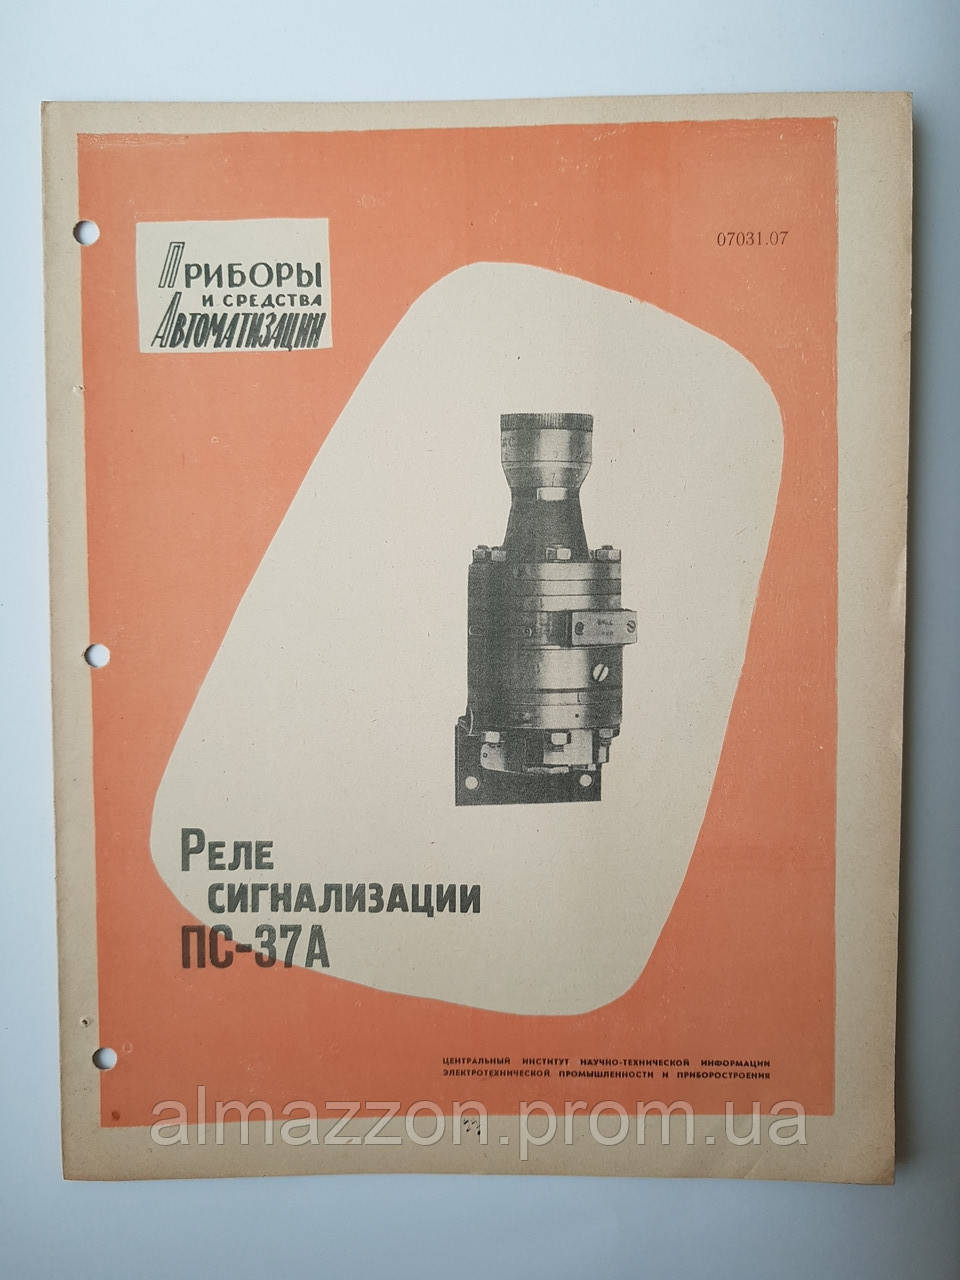 """Журнал (Бюллетень) """"Реле сигнализации ПС-37А  07031.07"""" 1962 г."""